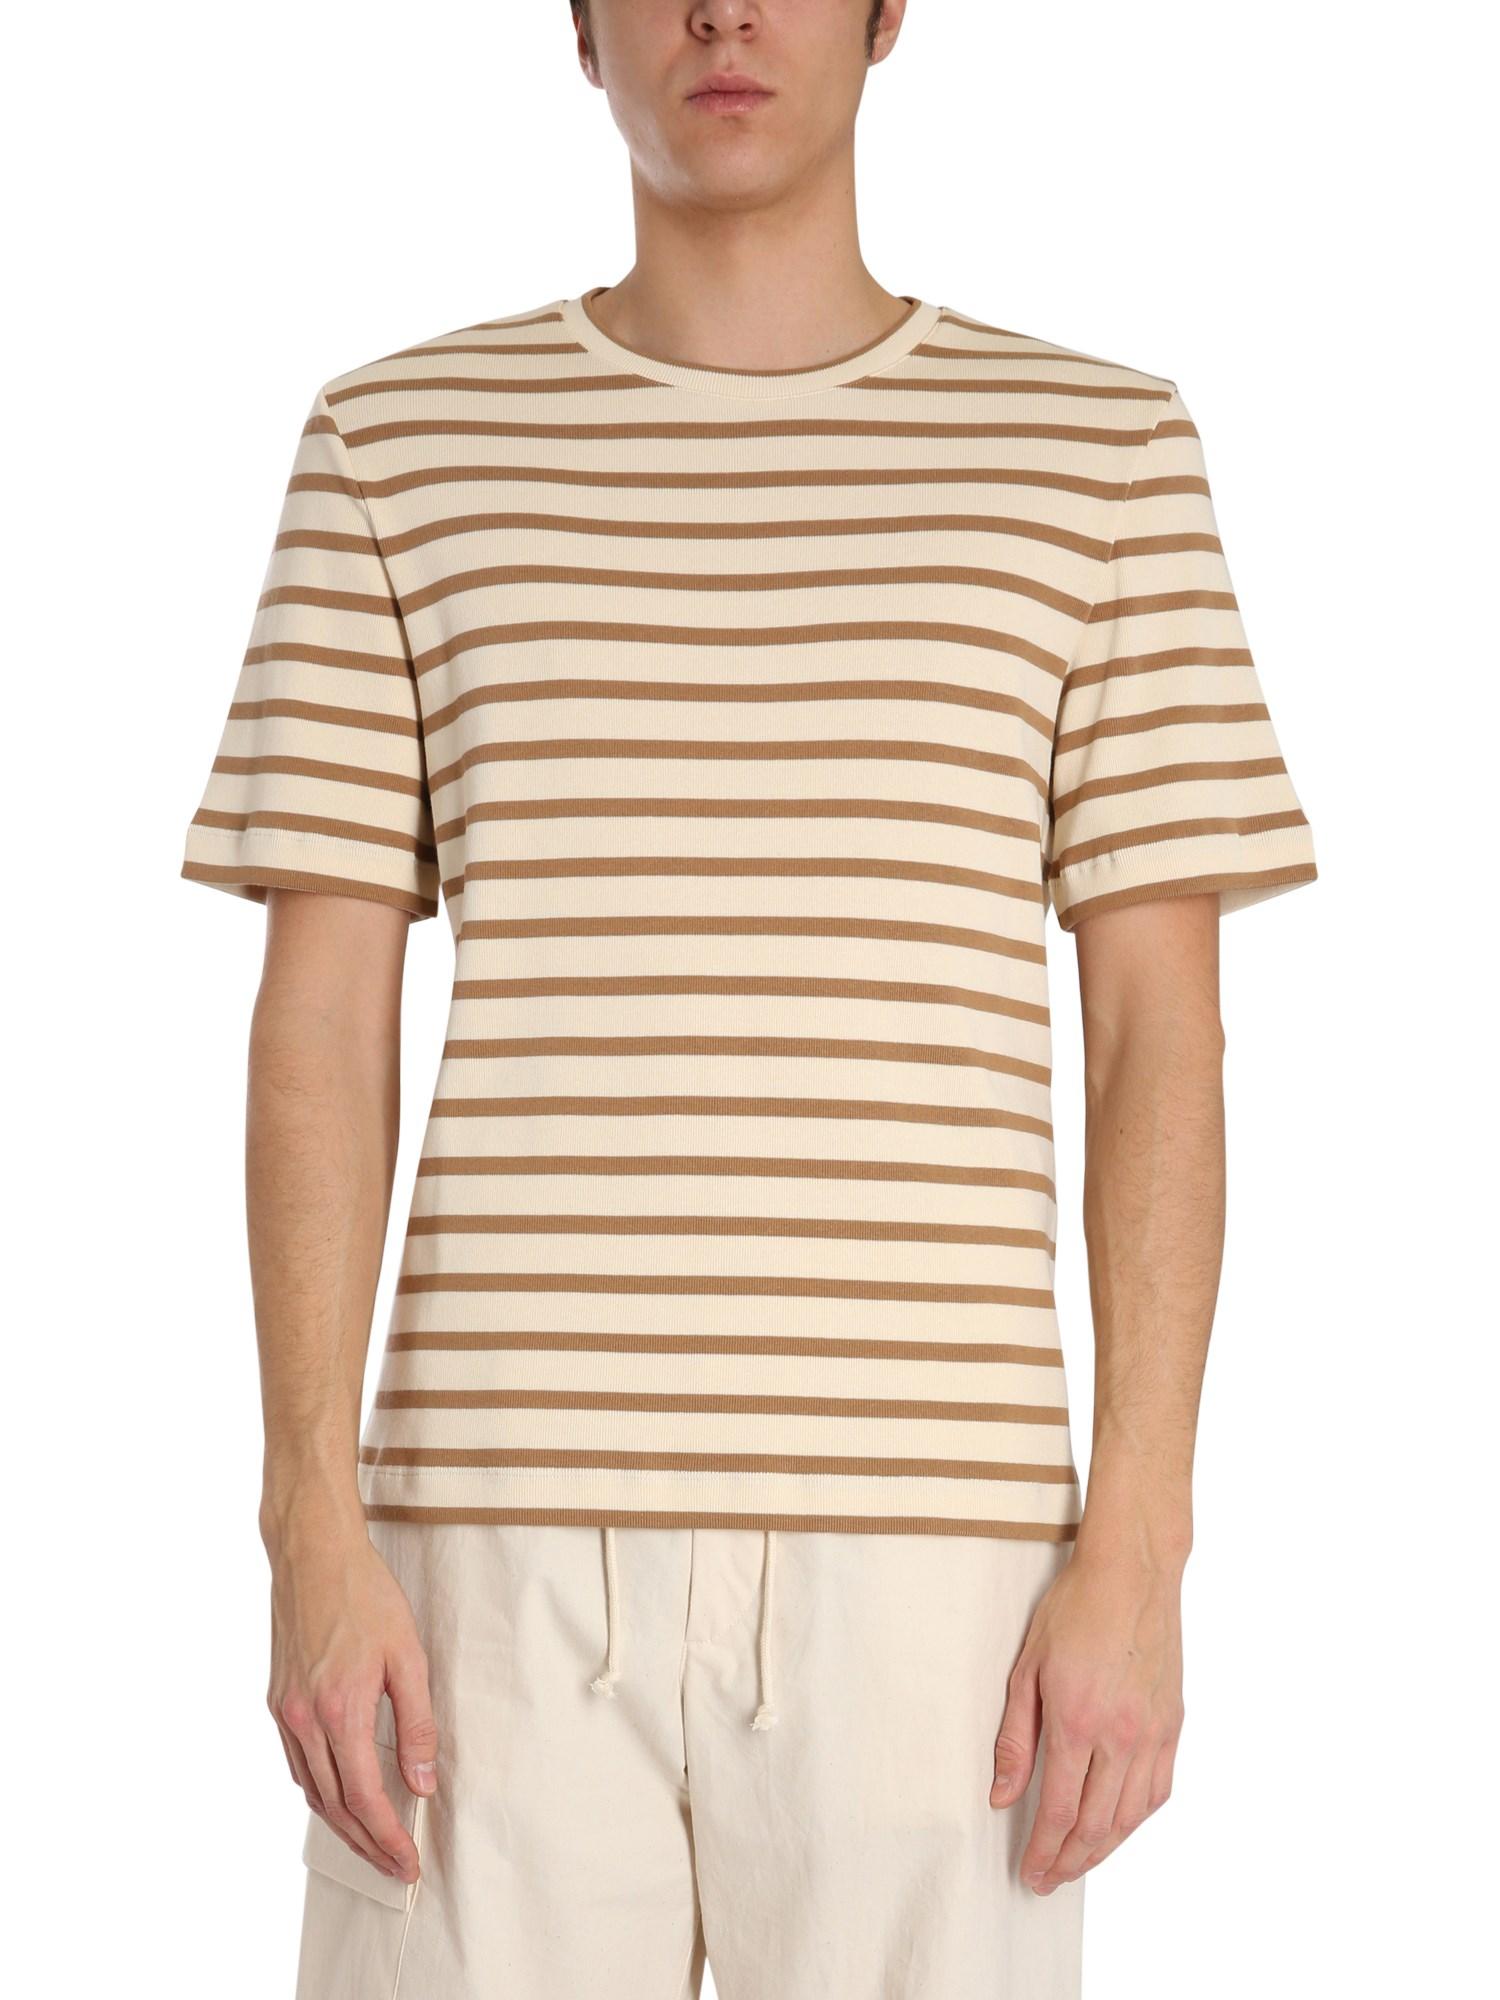 jil sander striped t-shirt